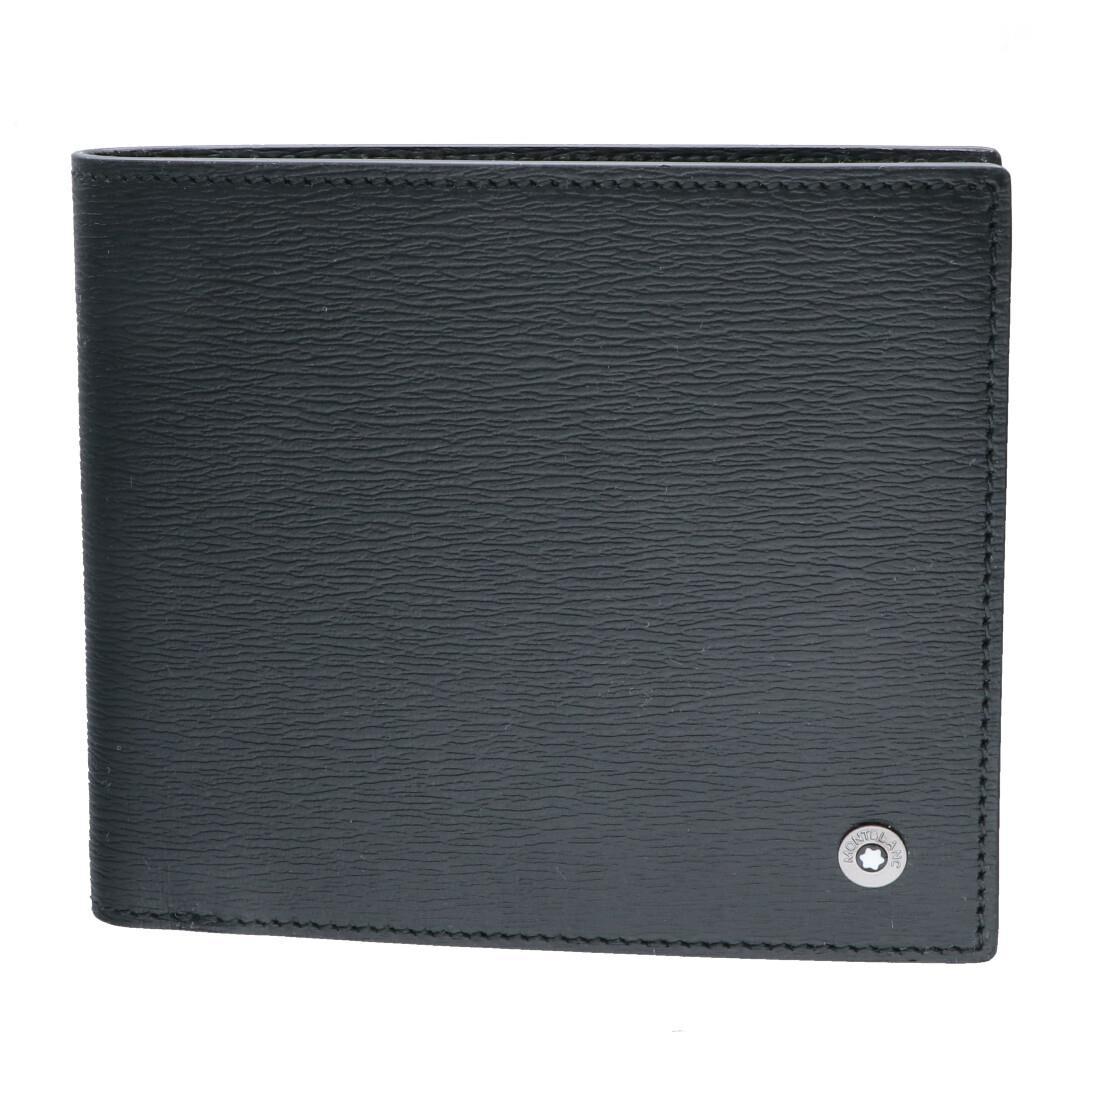 Portafoglio 4 scomparti con portamonette in pelle nera - MONTBLANC